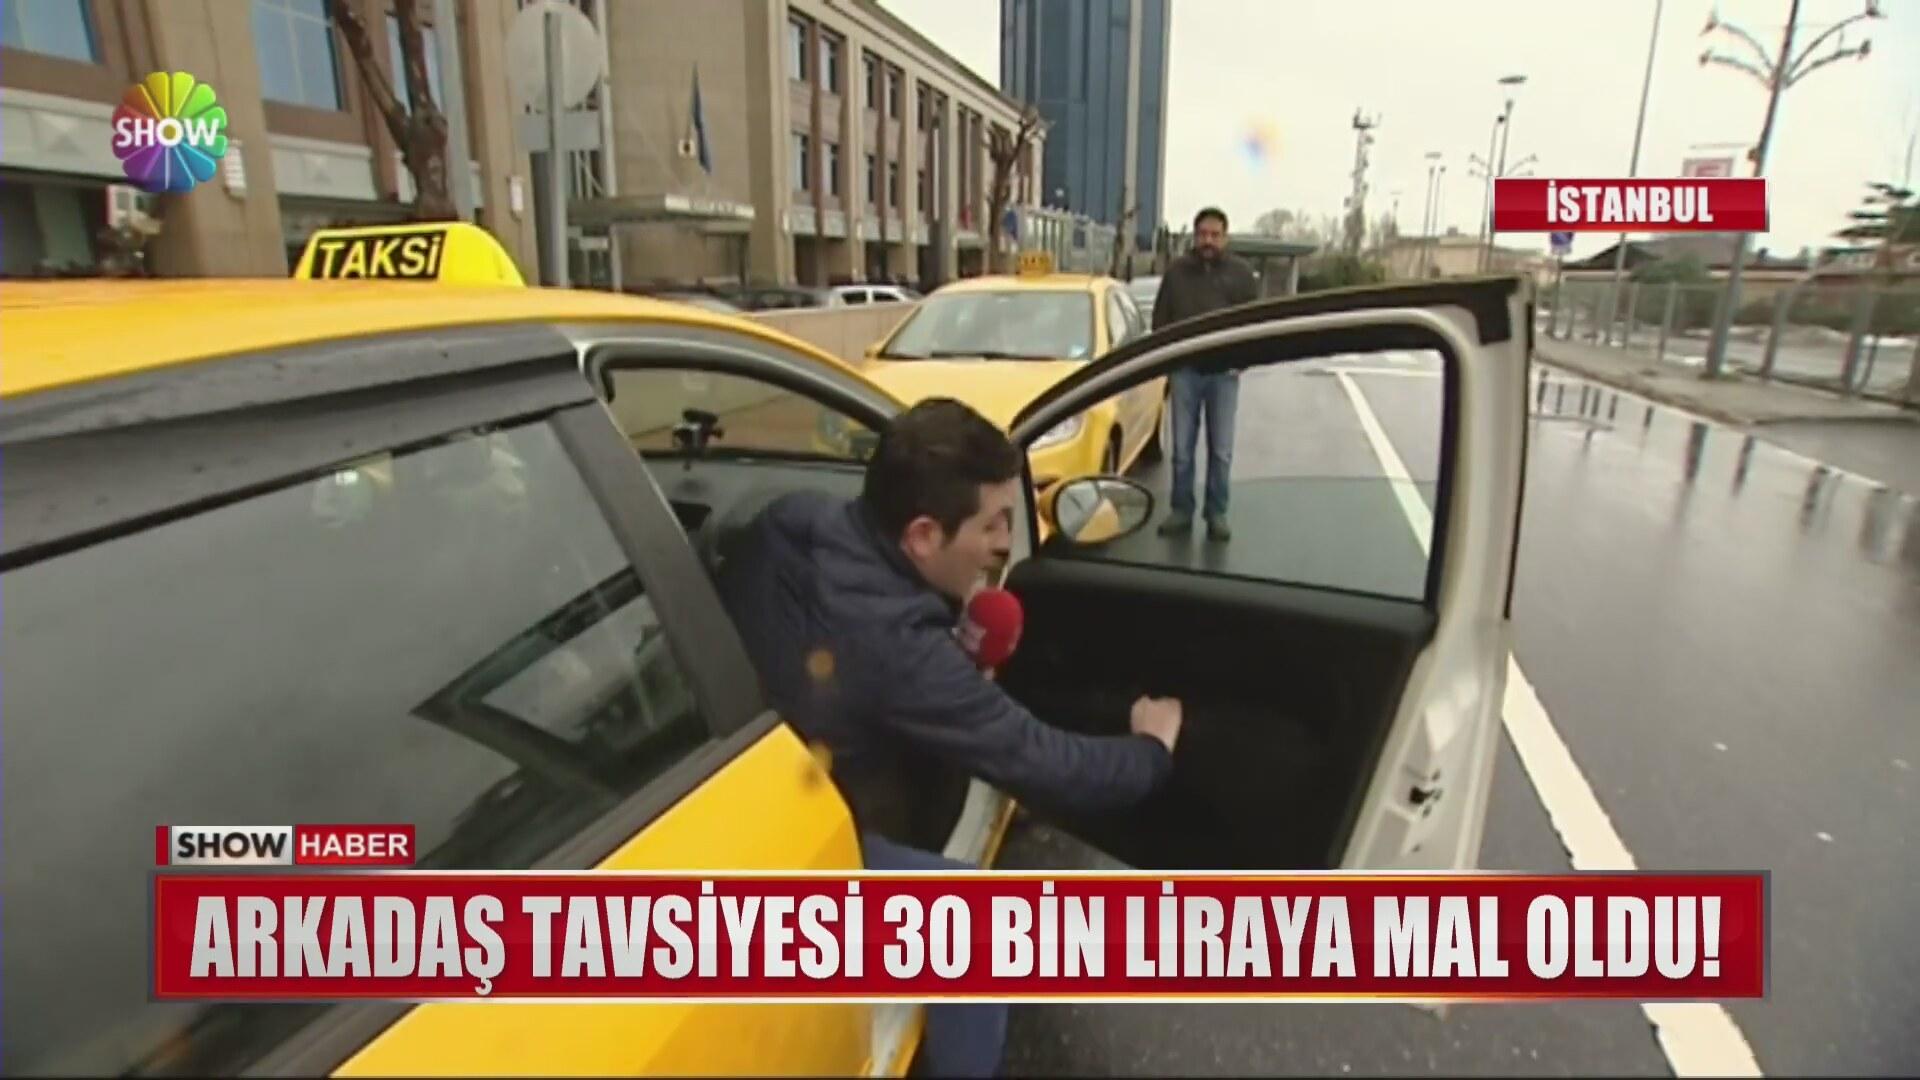 Arkadaş Tavsiyesi Taksiciye 30 Bin Liraya Mal Oldu